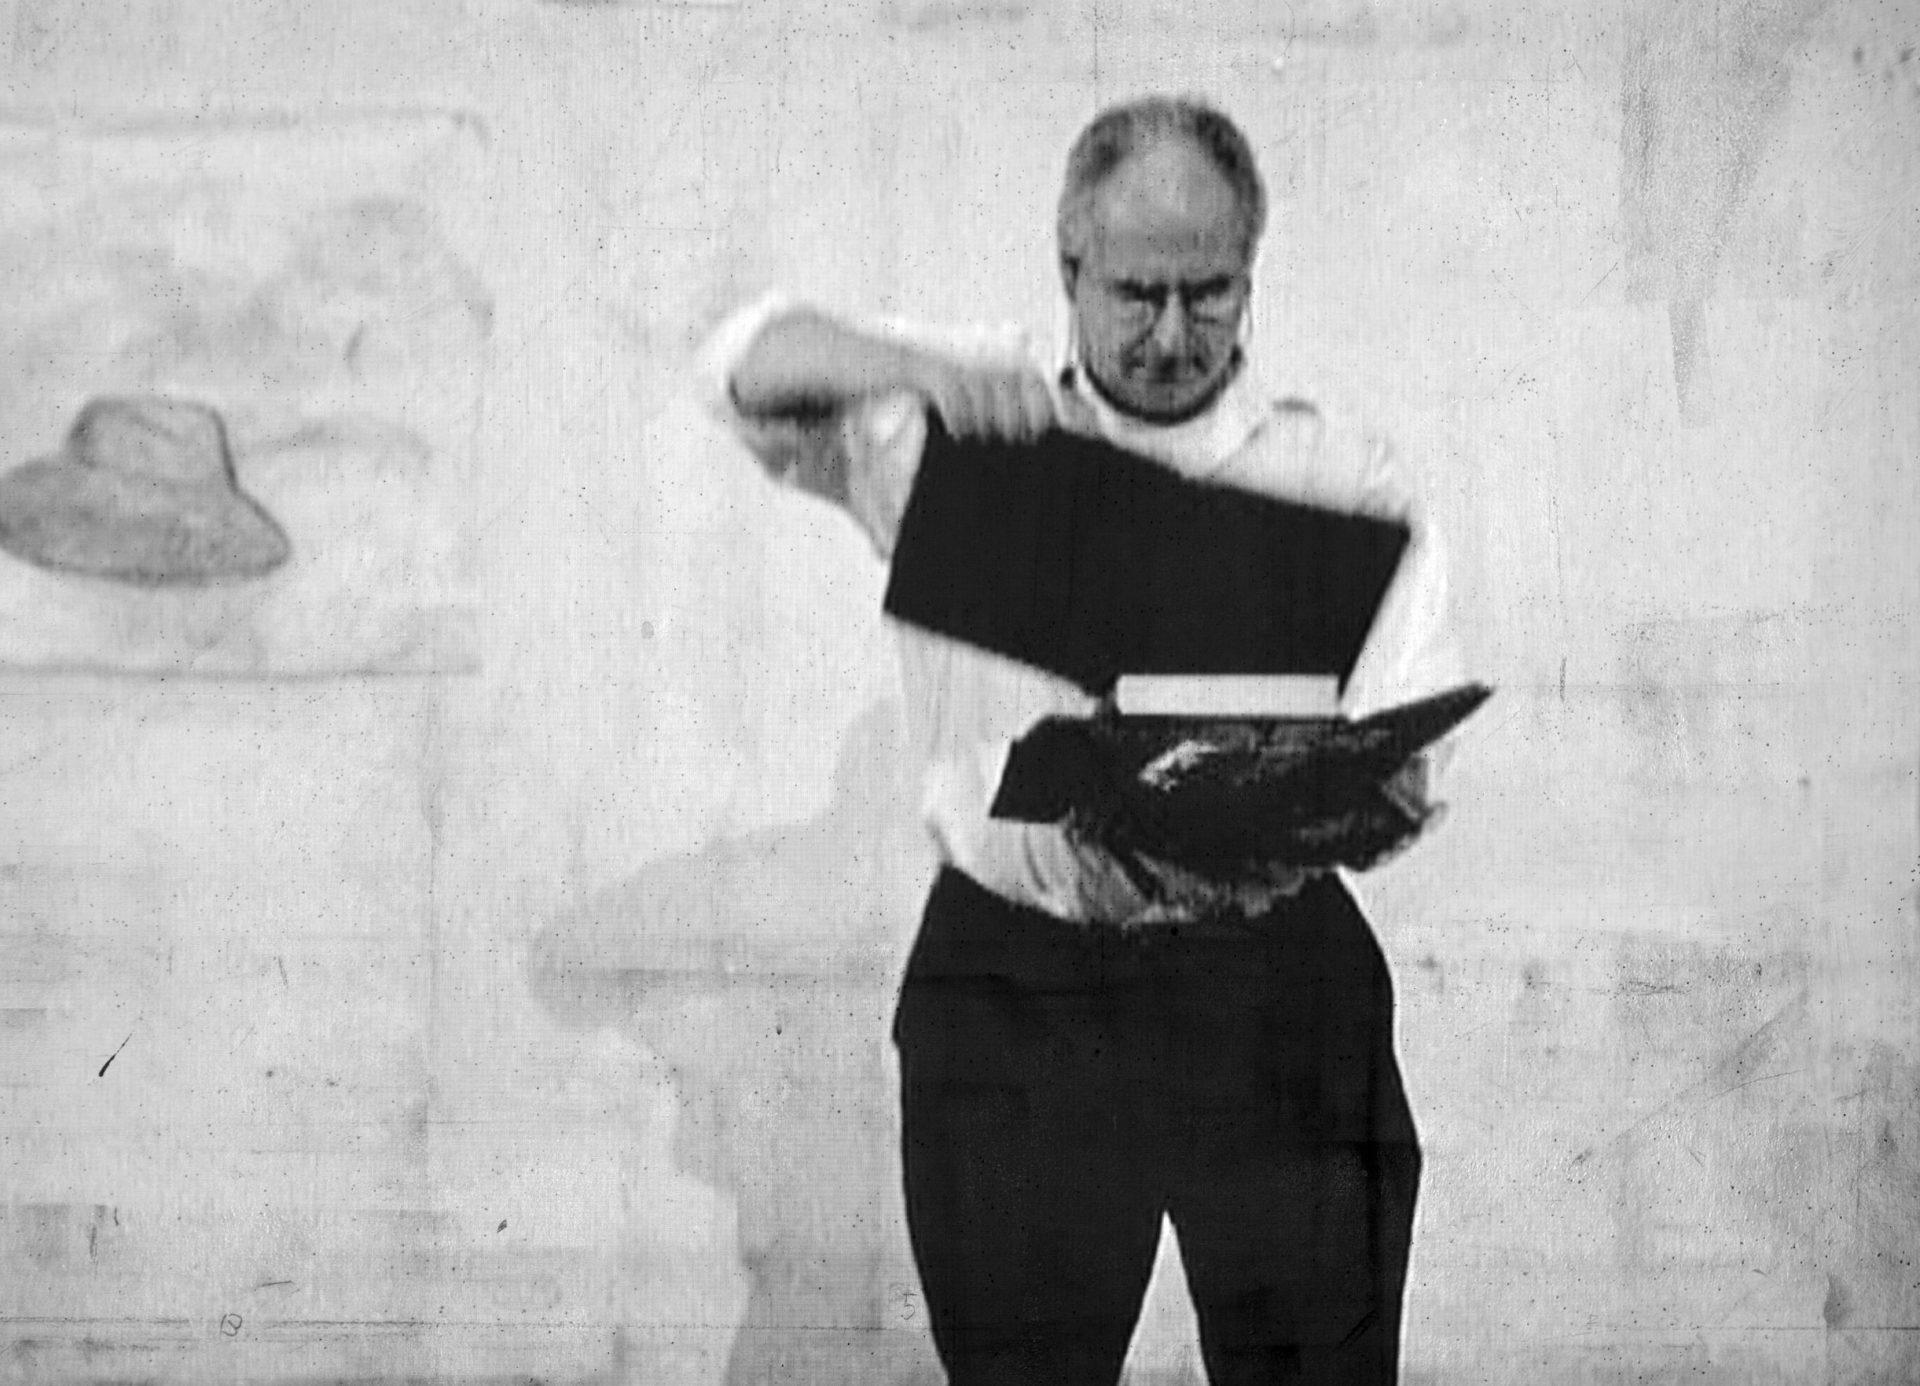 ørlandets Kunstmuseum stiller ut verket 7 fragments for Georges Méliès, Day for Night, Journey to the Moon. av William Kentridge i perioden 25.mai til 18.august 2019. Tegning, animasjon, performance, musikk og film kombineres i denne utstillingen der kunstneren William Kentridge selv er hovedpersonen.